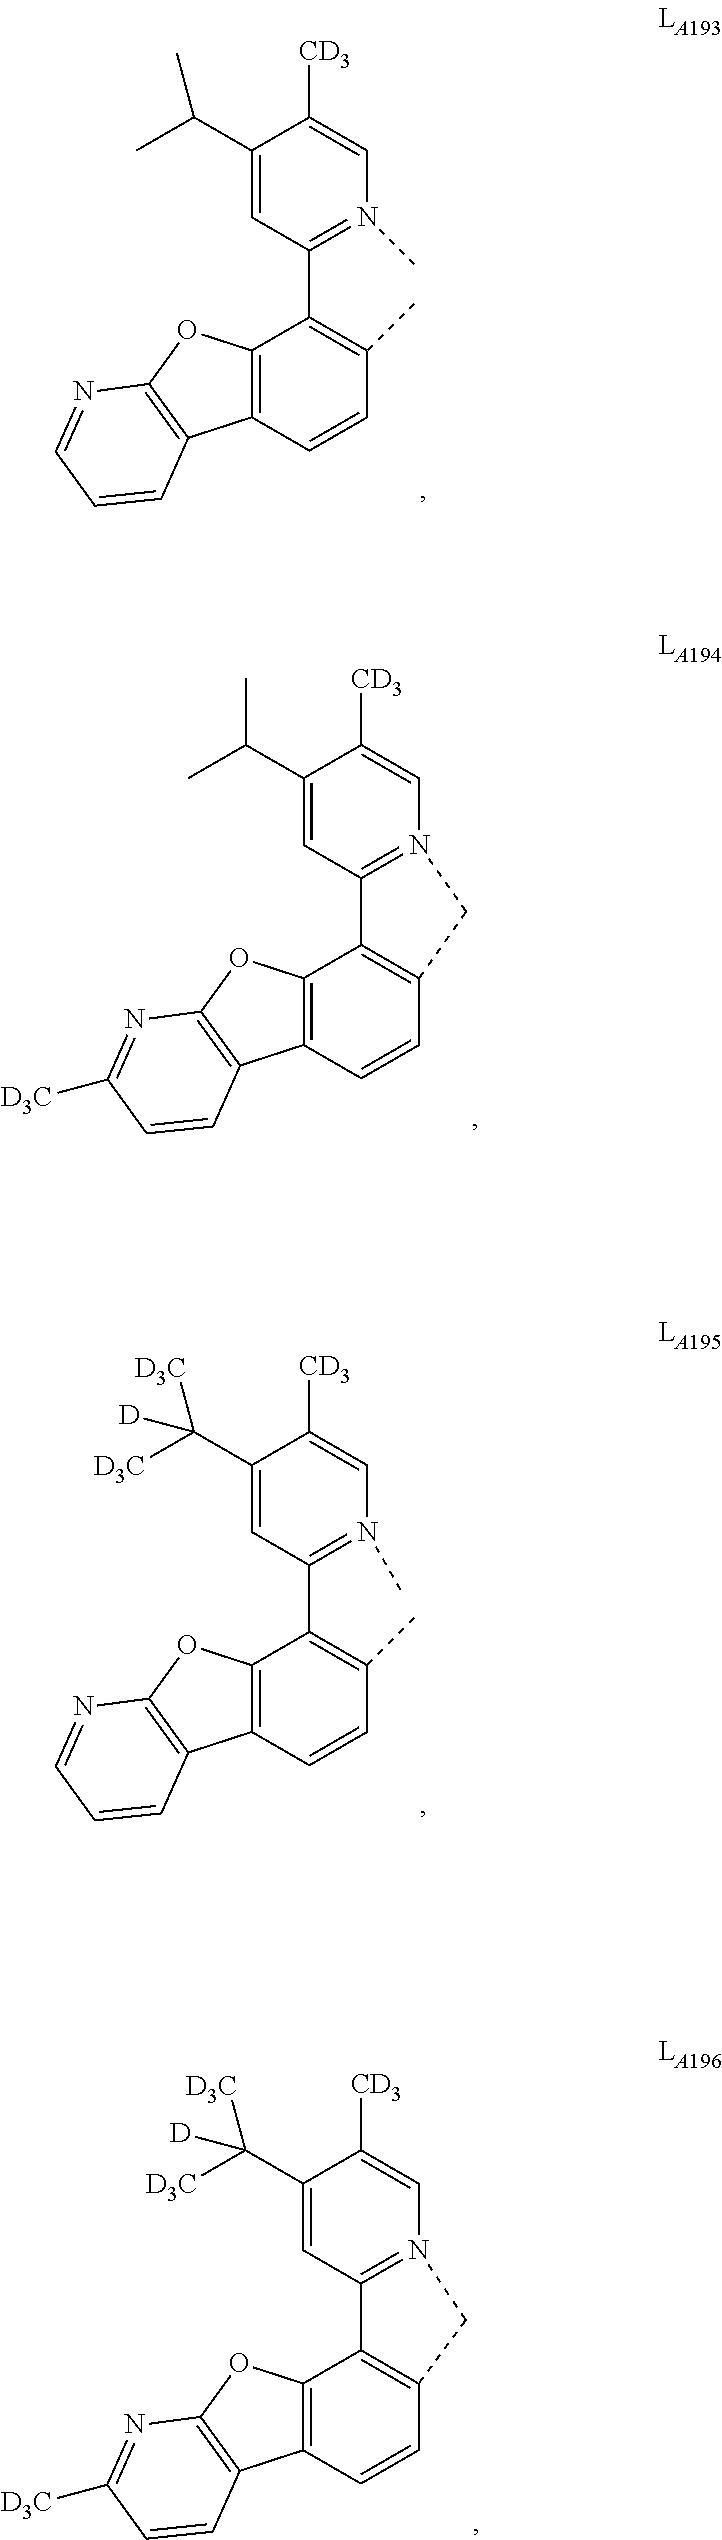 Figure US20160049599A1-20160218-C00053